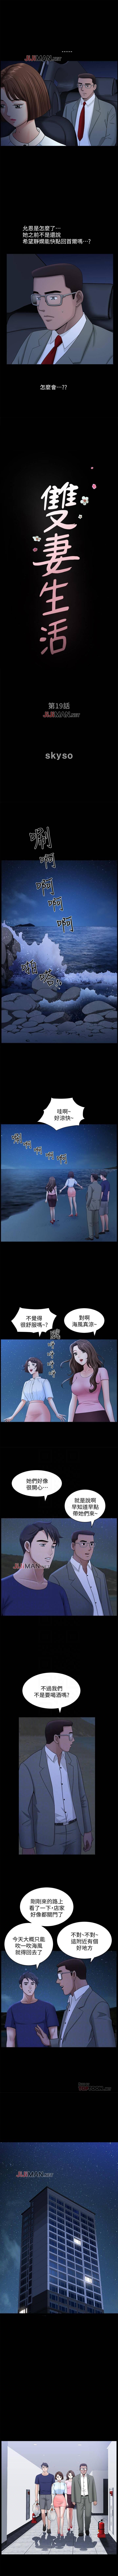 【周日连载】双妻生活(作者:skyso) 第1~23话 125